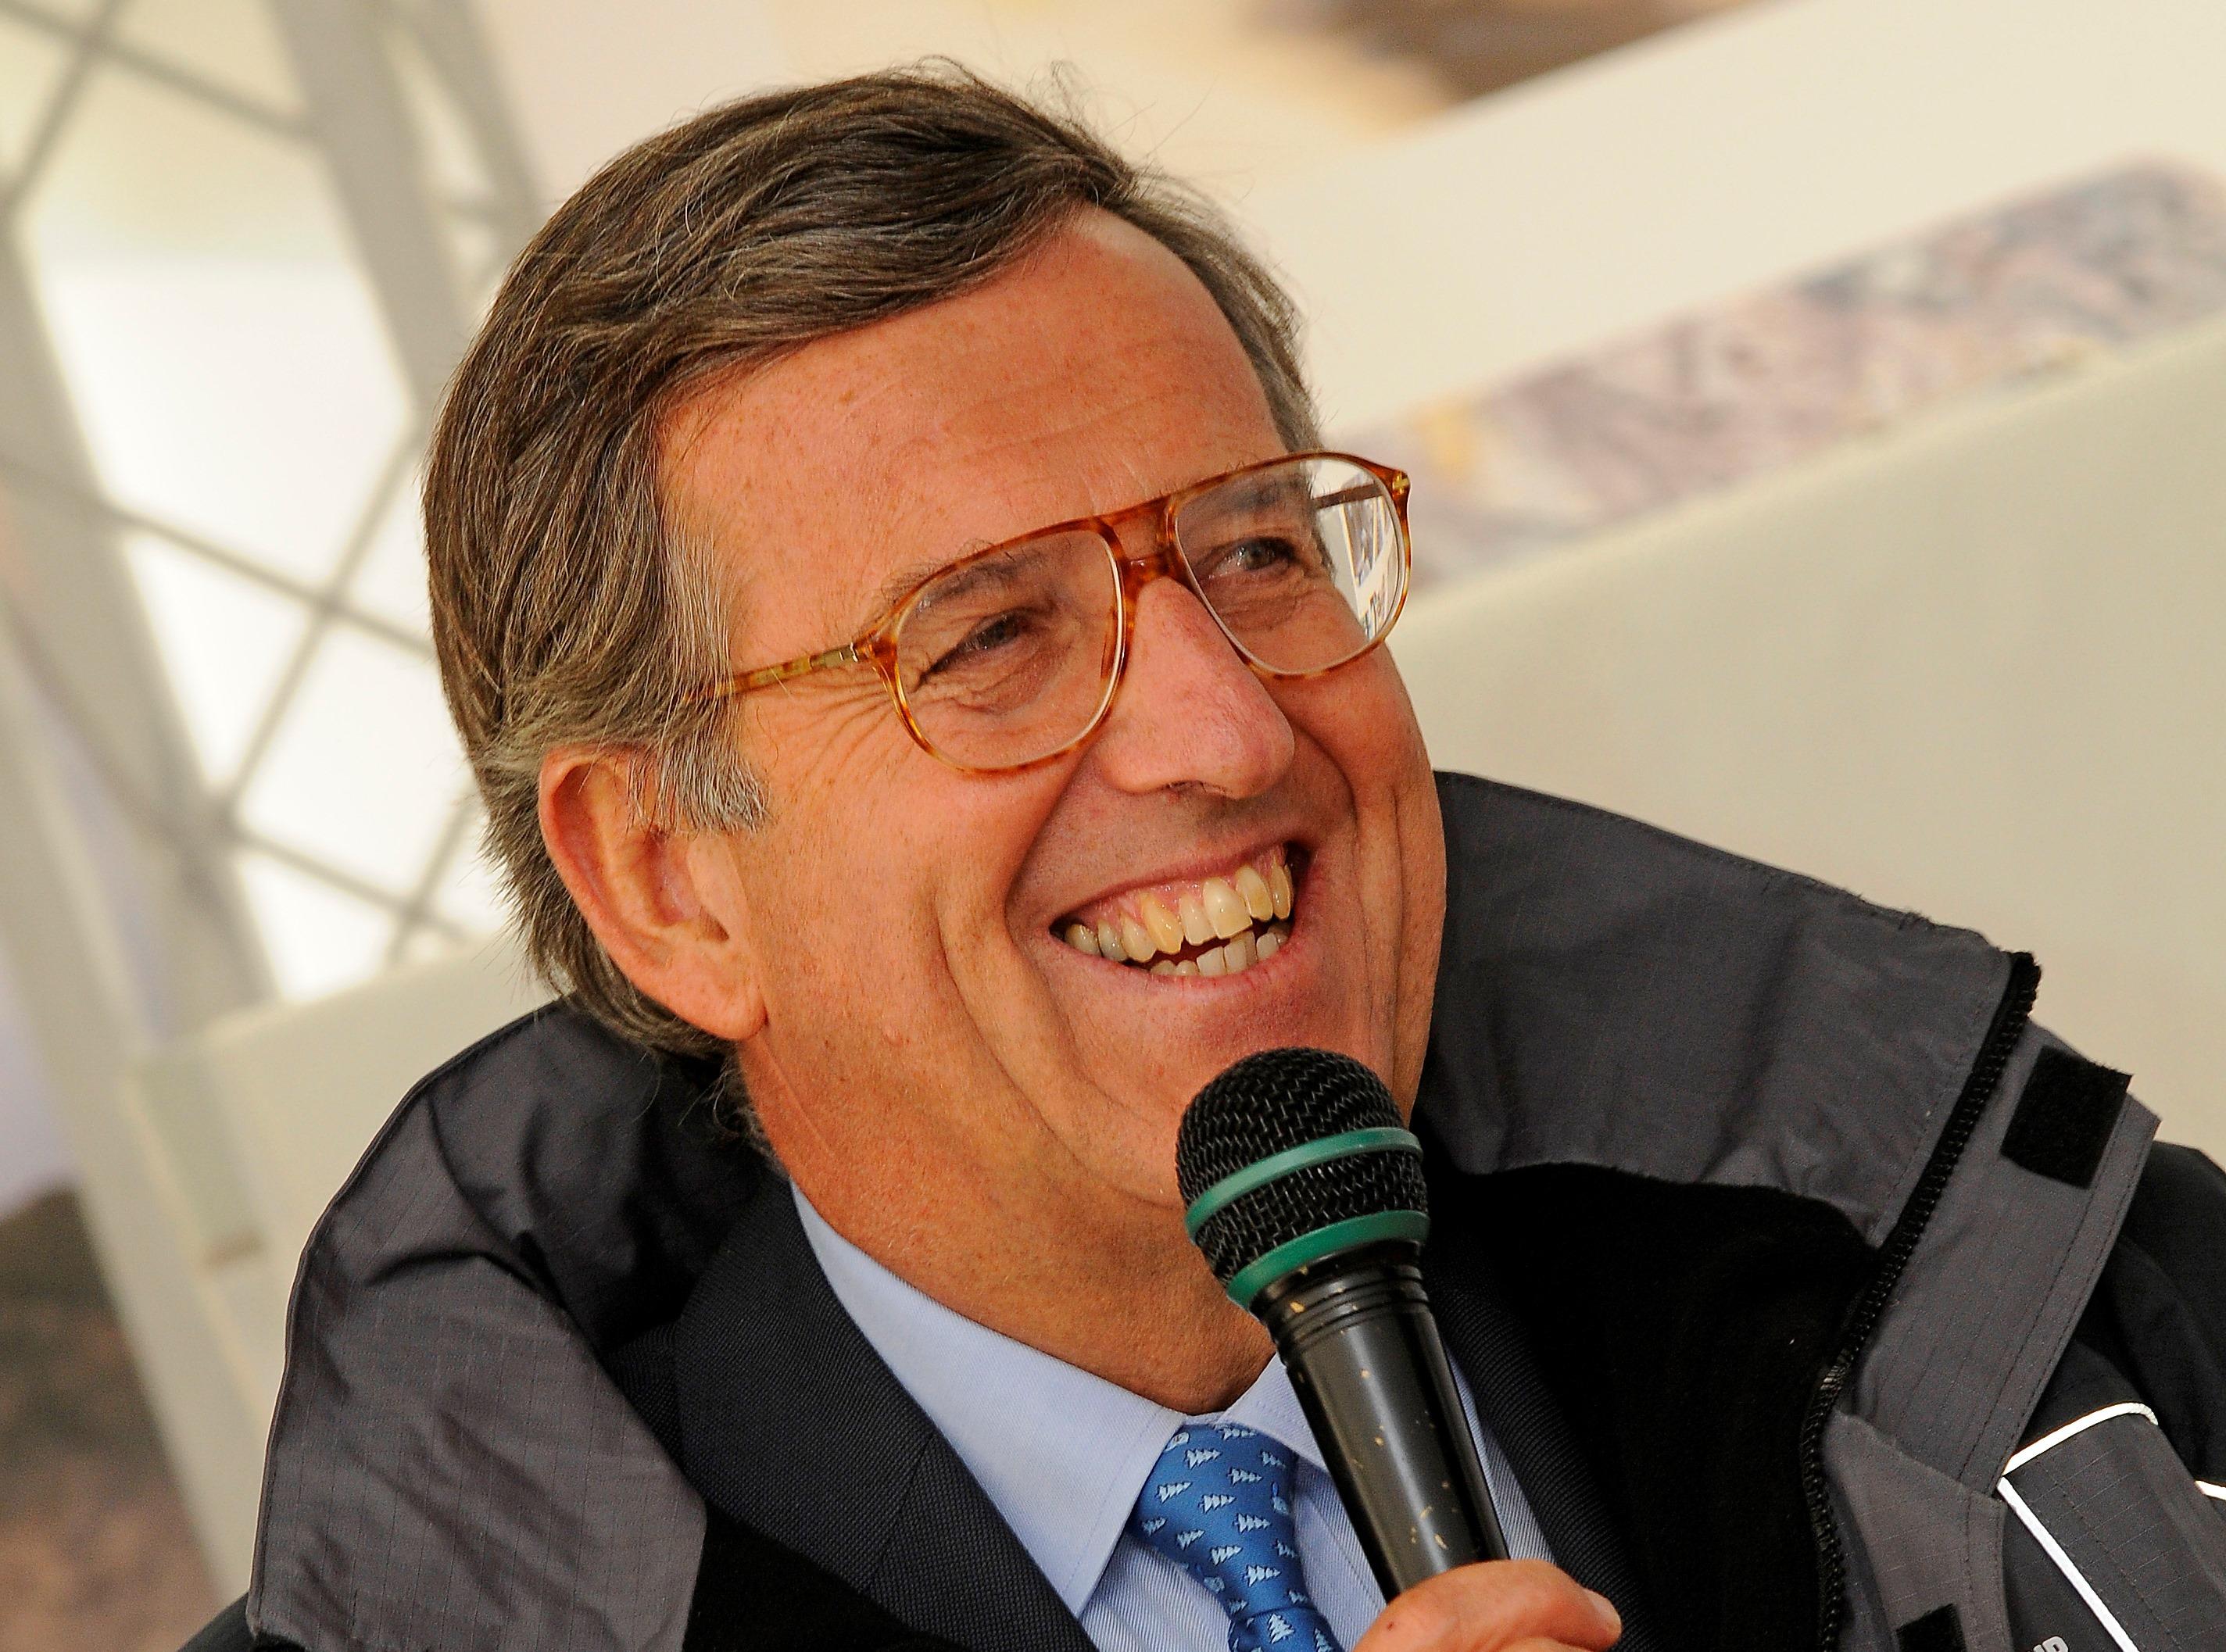 Jean-Marie Osdoit, président du Seimat : « La demande, même si elle croît, a surtout à présent pour but le renouvellement des parcs. Dans les trimestres qui viennent la moindre reprise réelle amènera nos clients à réinvestir ». Photo D.R.